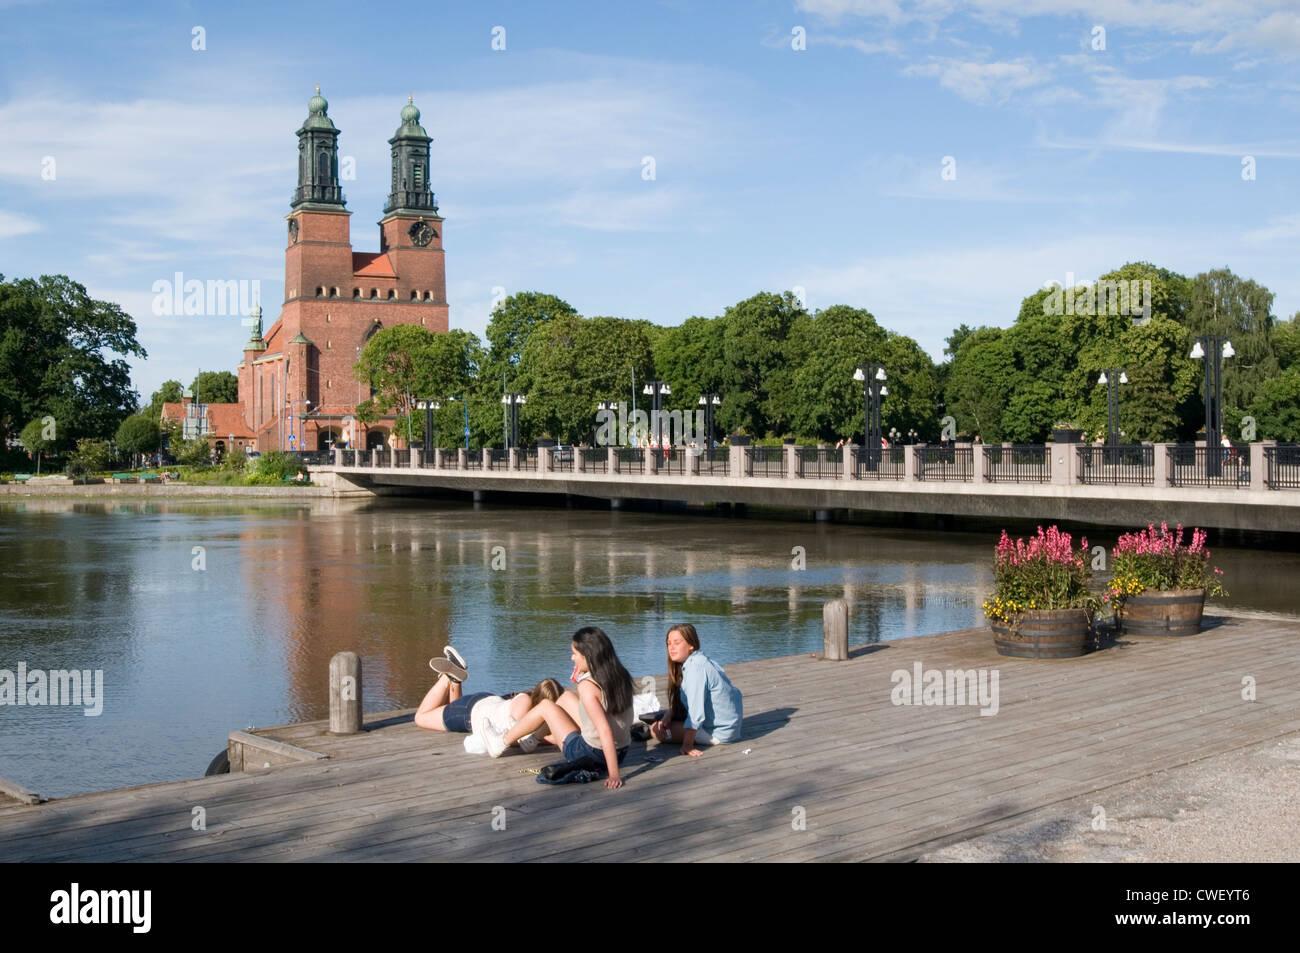 svensk gratis eskilstuna spa